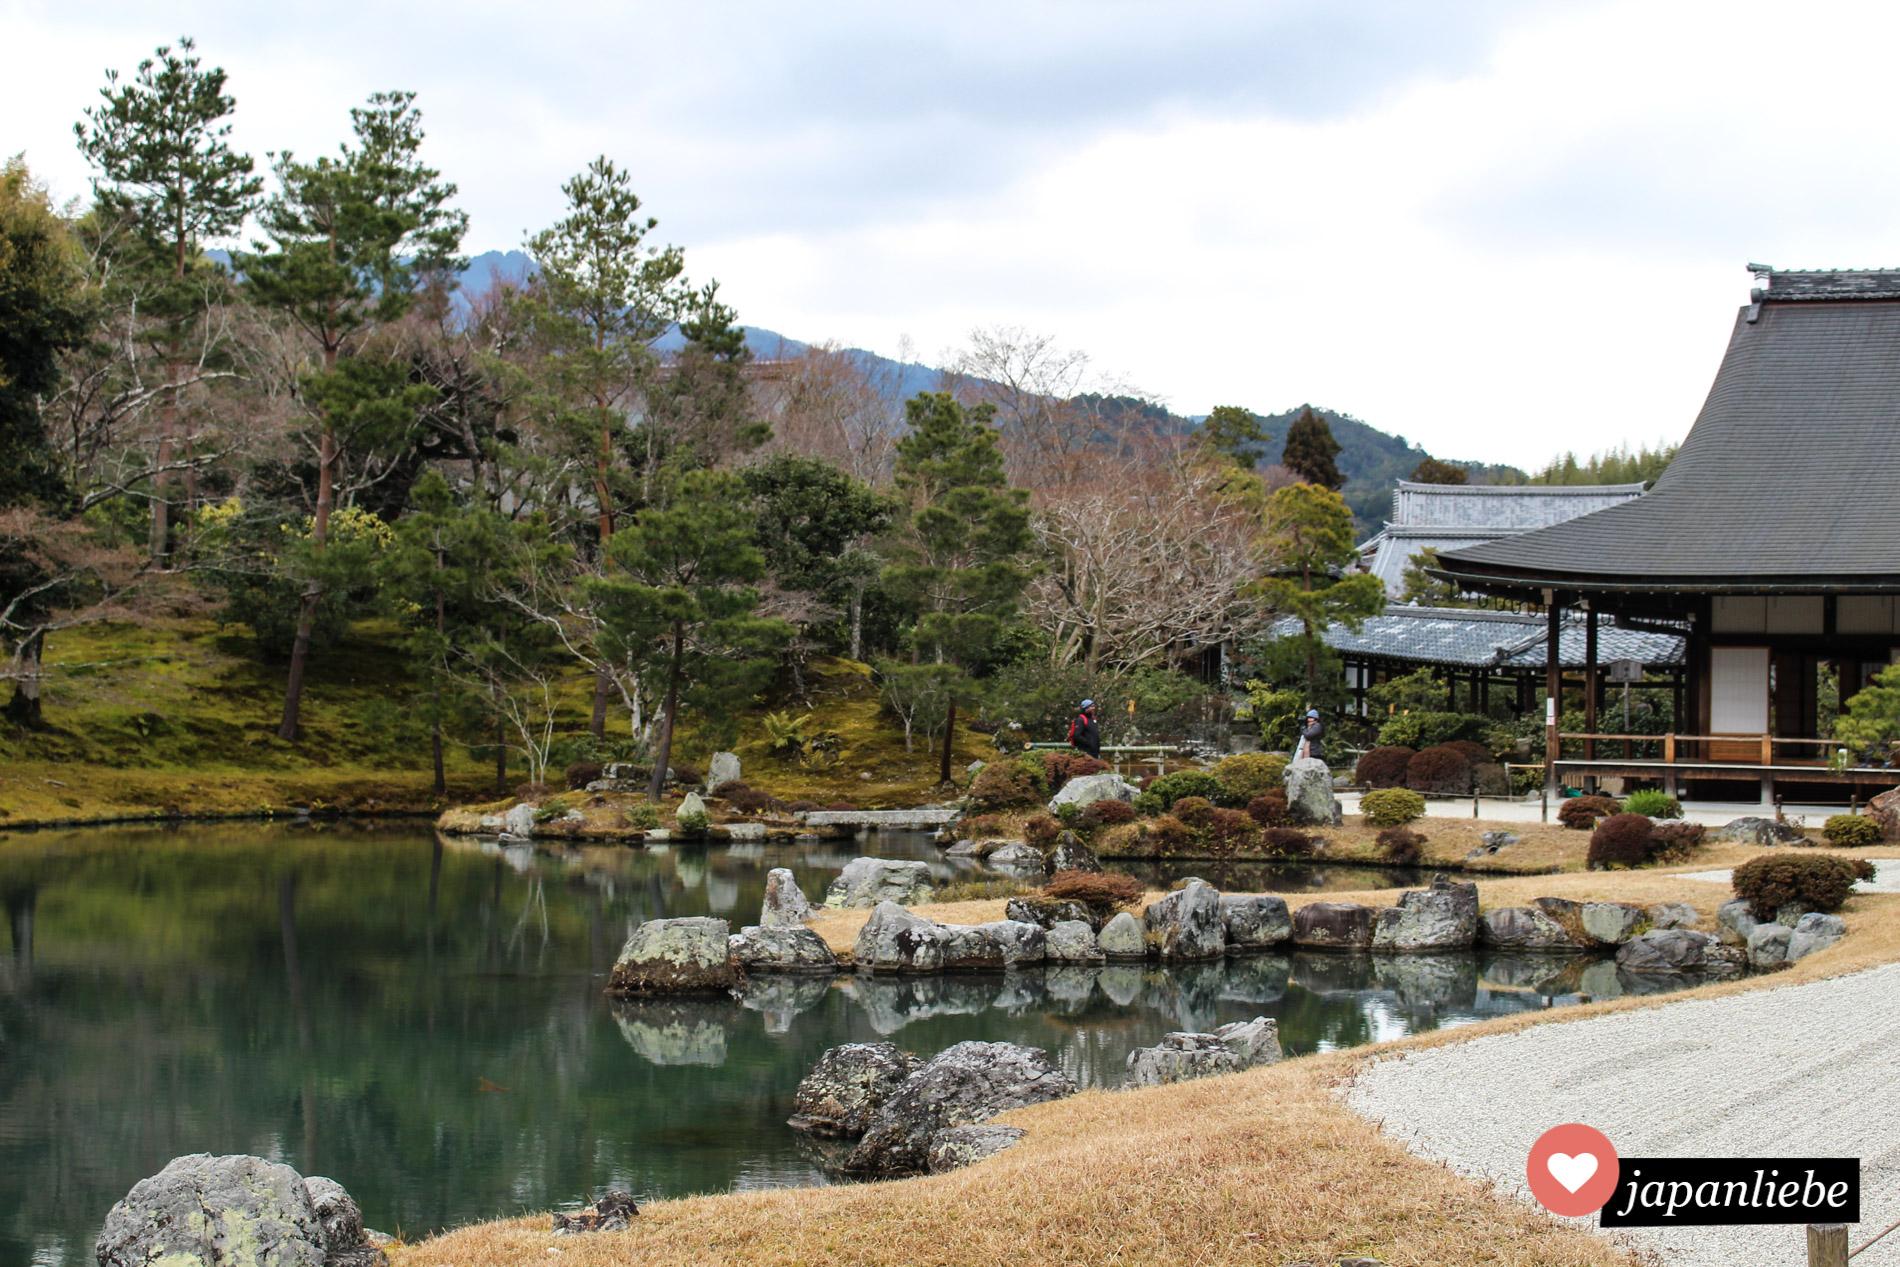 Mit seinem wunderschönen Garten ist der Tenryu-ji Tempel in Arashiyama UNESCO Weltkulturerbe